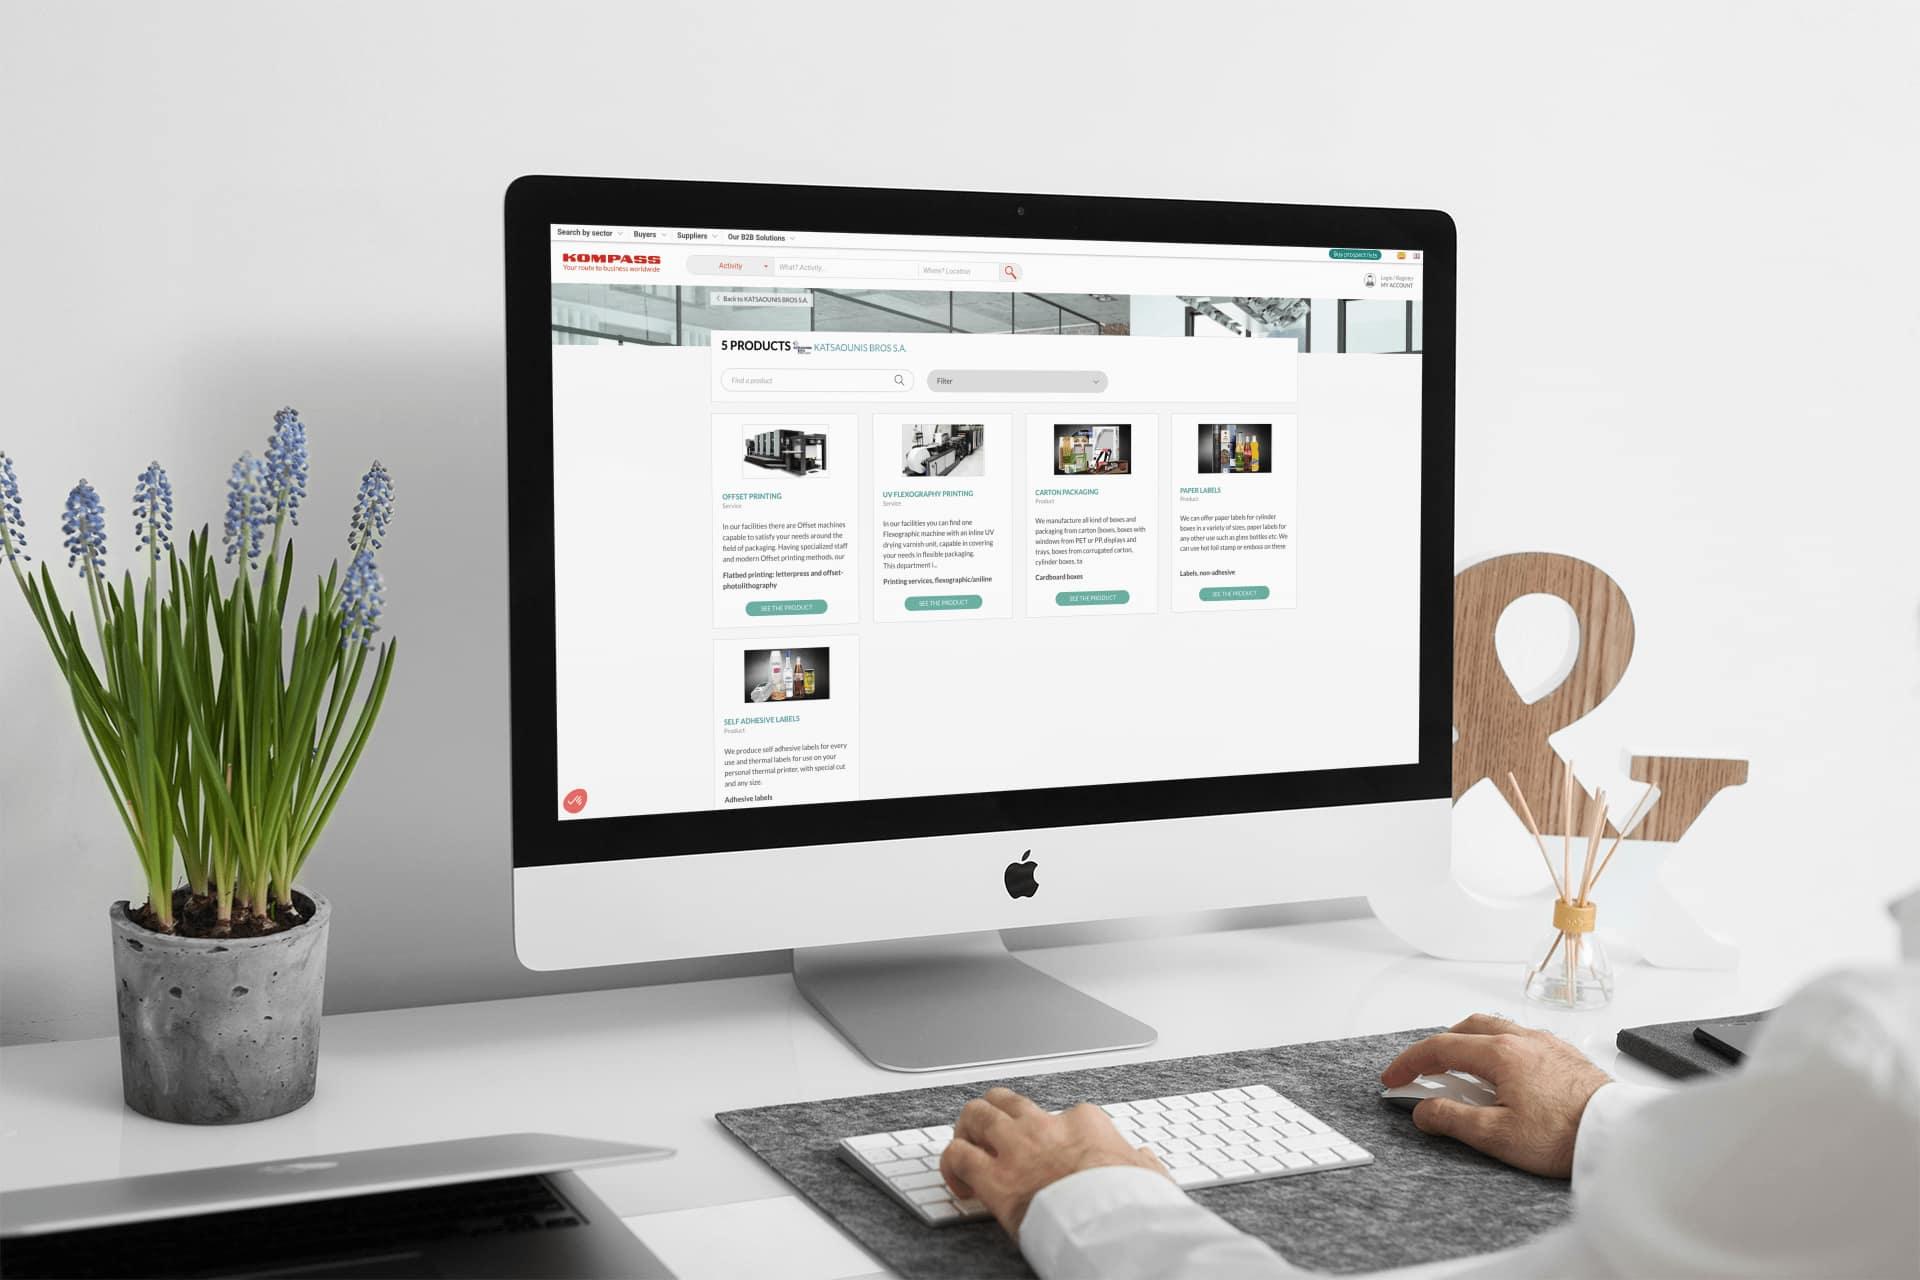 Muestra los productos de tu empresa en Kompass